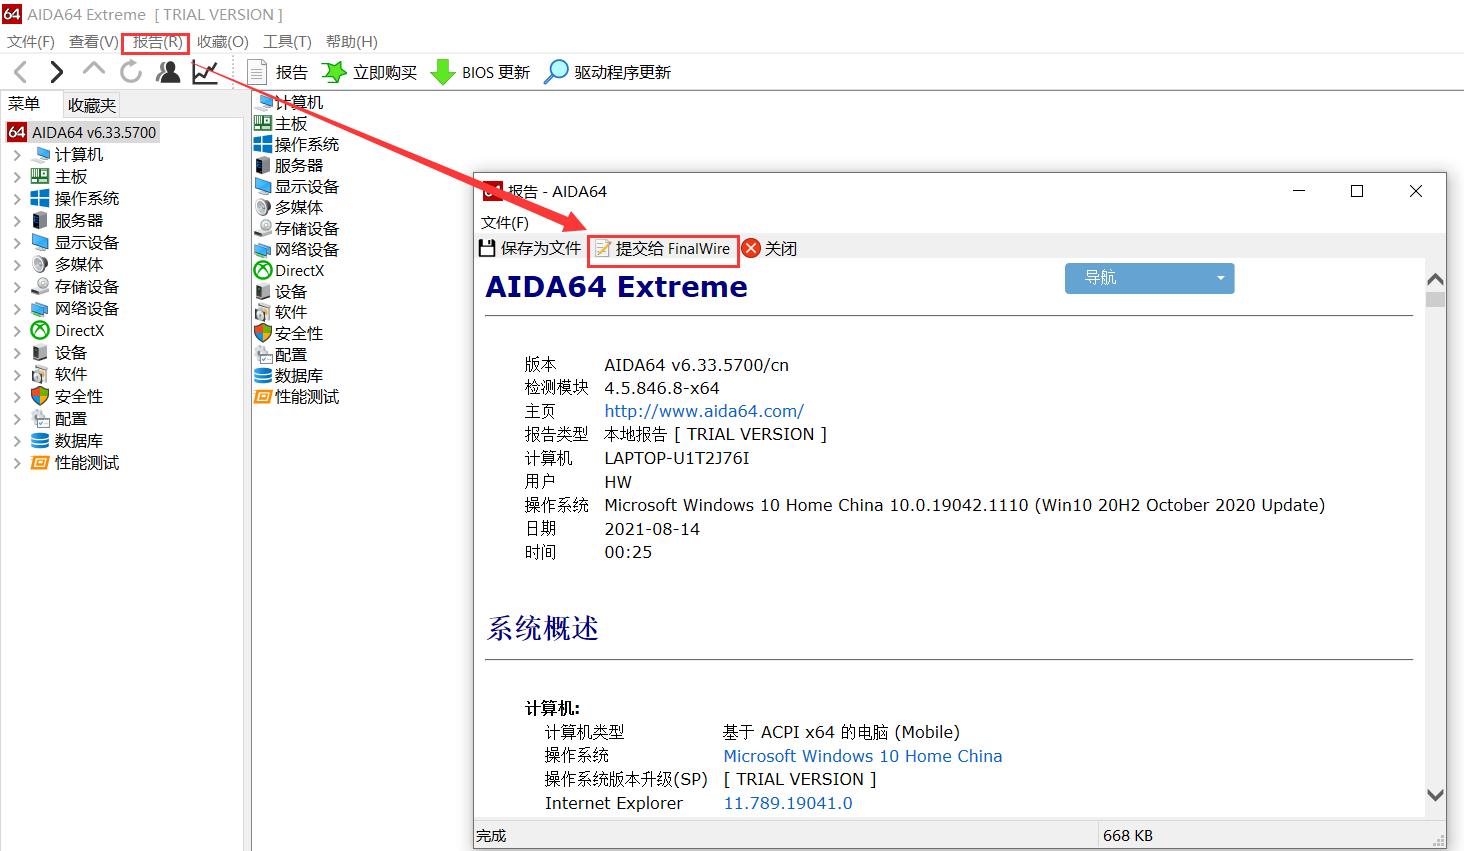 使用AIDA64向finalwire提交报告清单过程